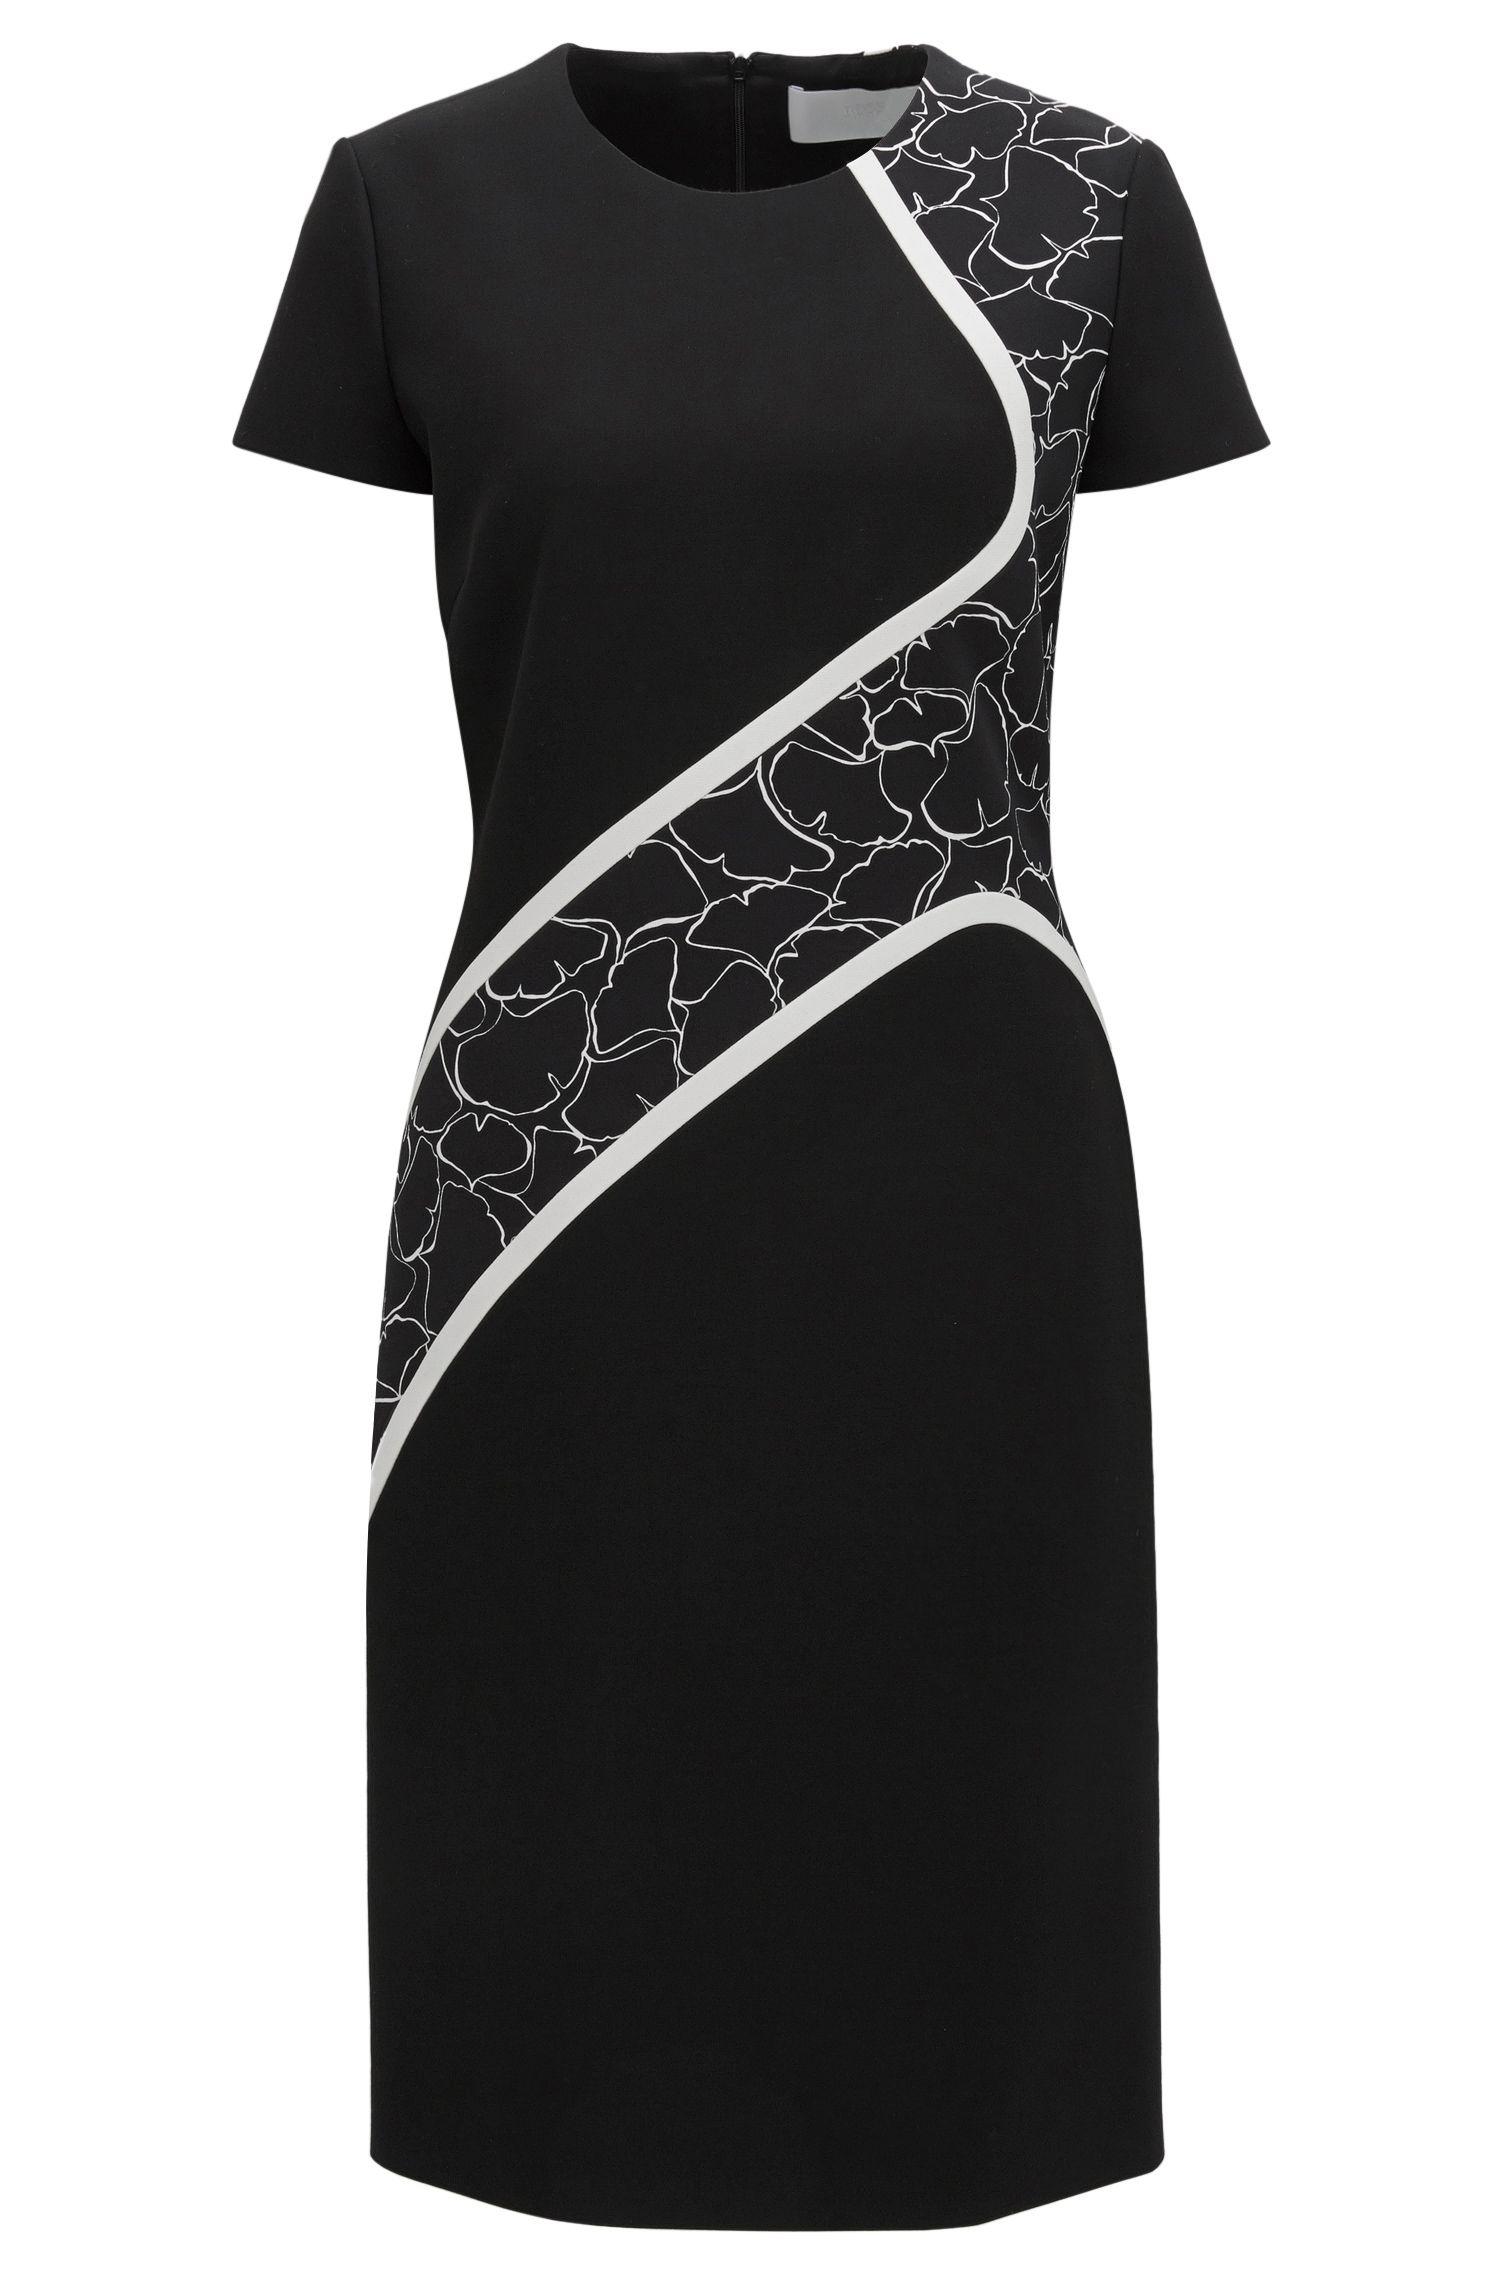 Nauwsluitende jurk van stretchmateriaal